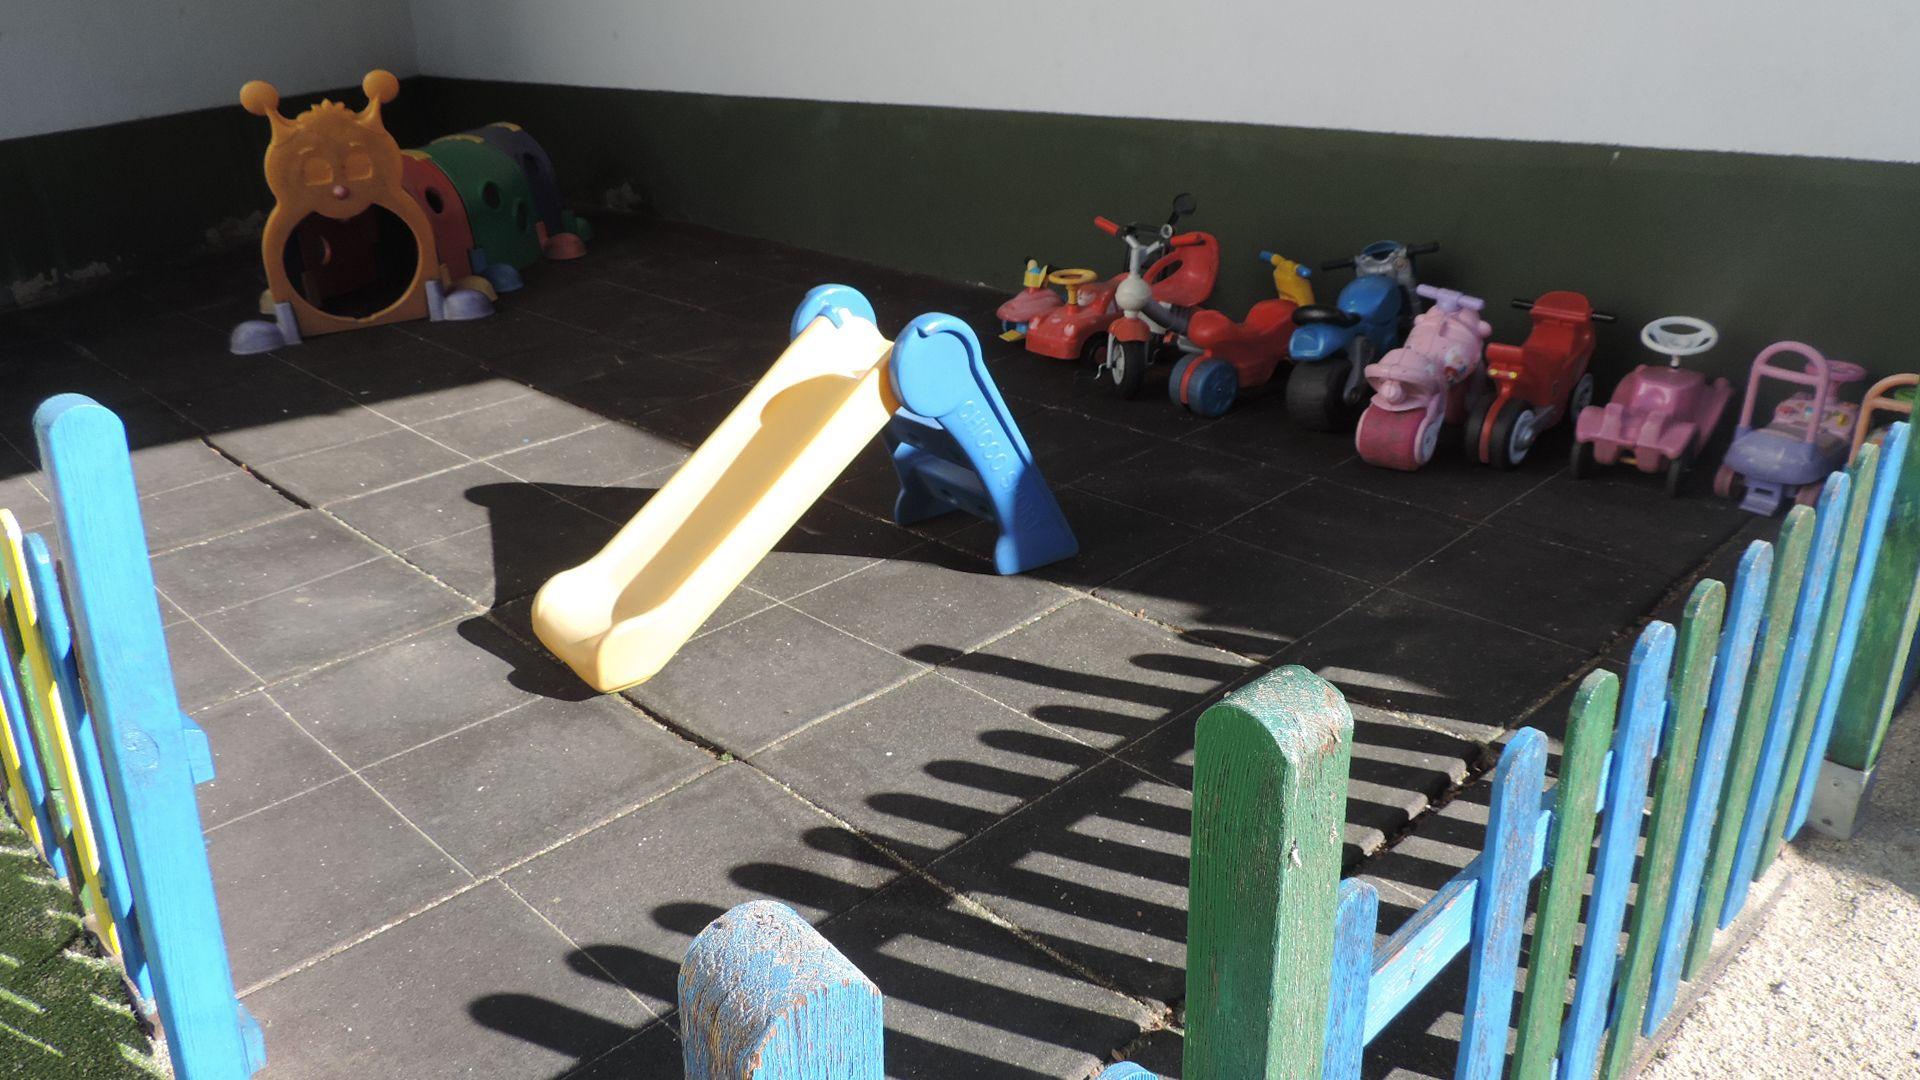 Juegos en el patio